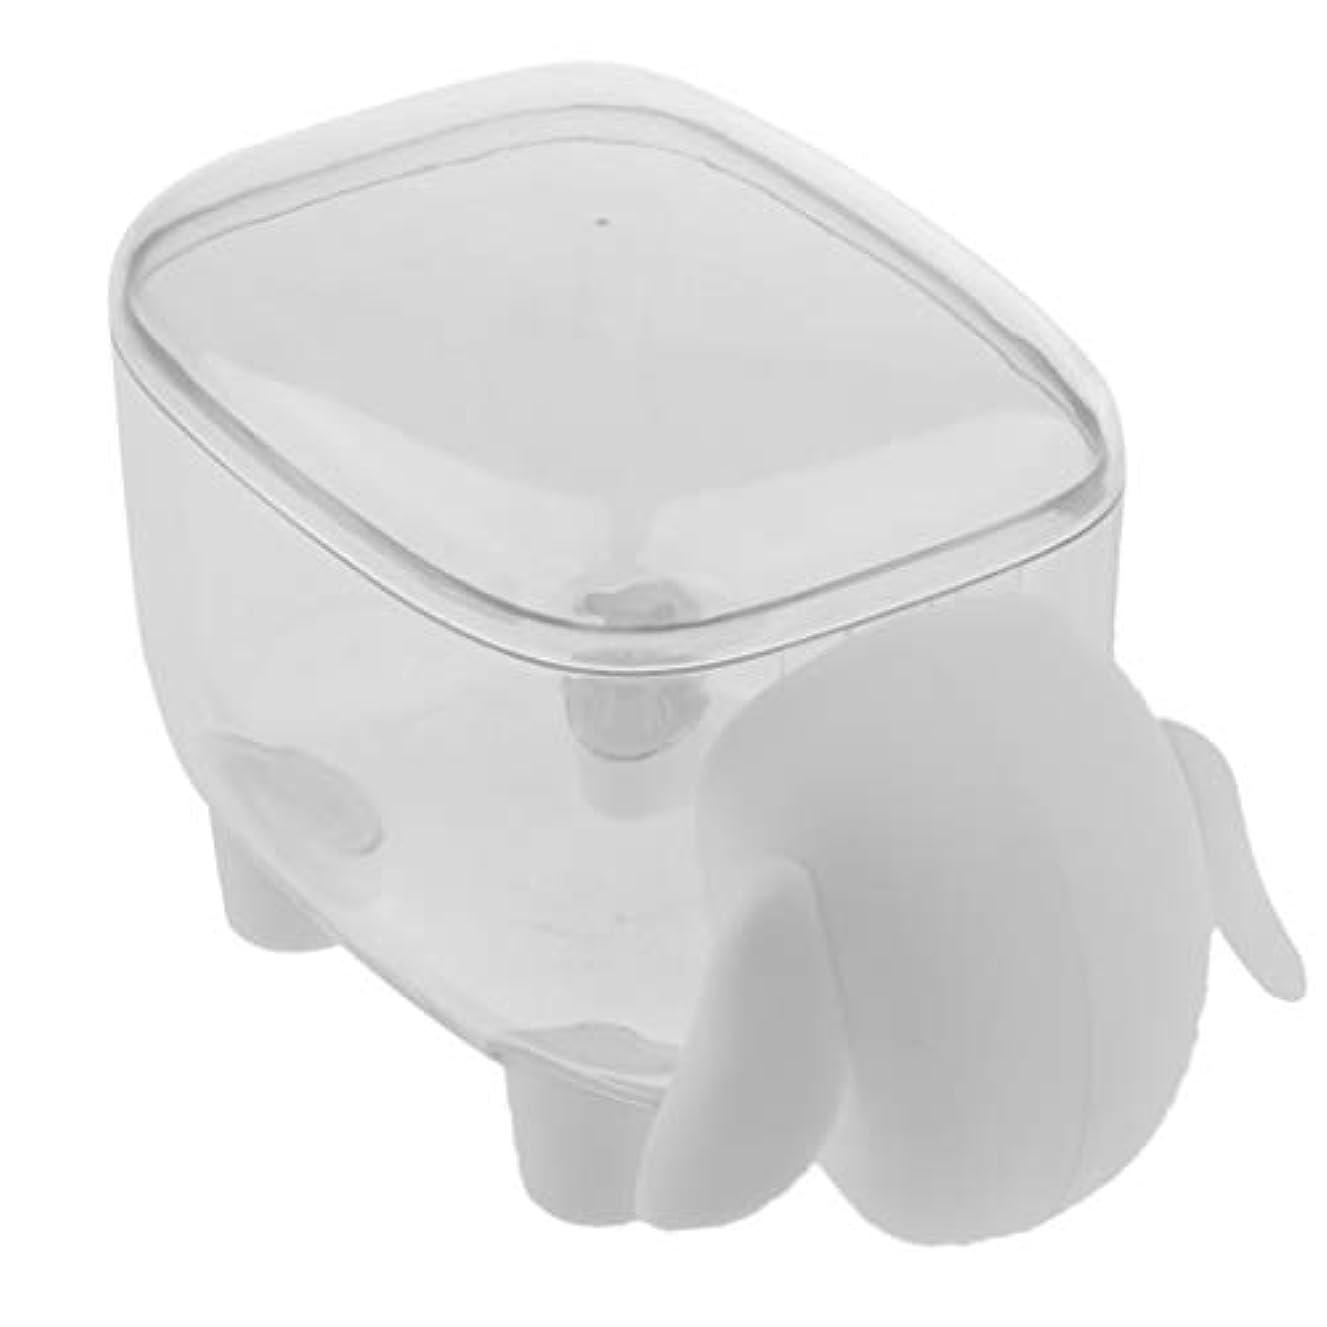 殺人リーチ欠如Baoblaze 爪楊枝 棉棒 収納ボックス プラスチック 蓋付き コットンケース 小物収納 綿棒ケース 2色選ぶ - 白